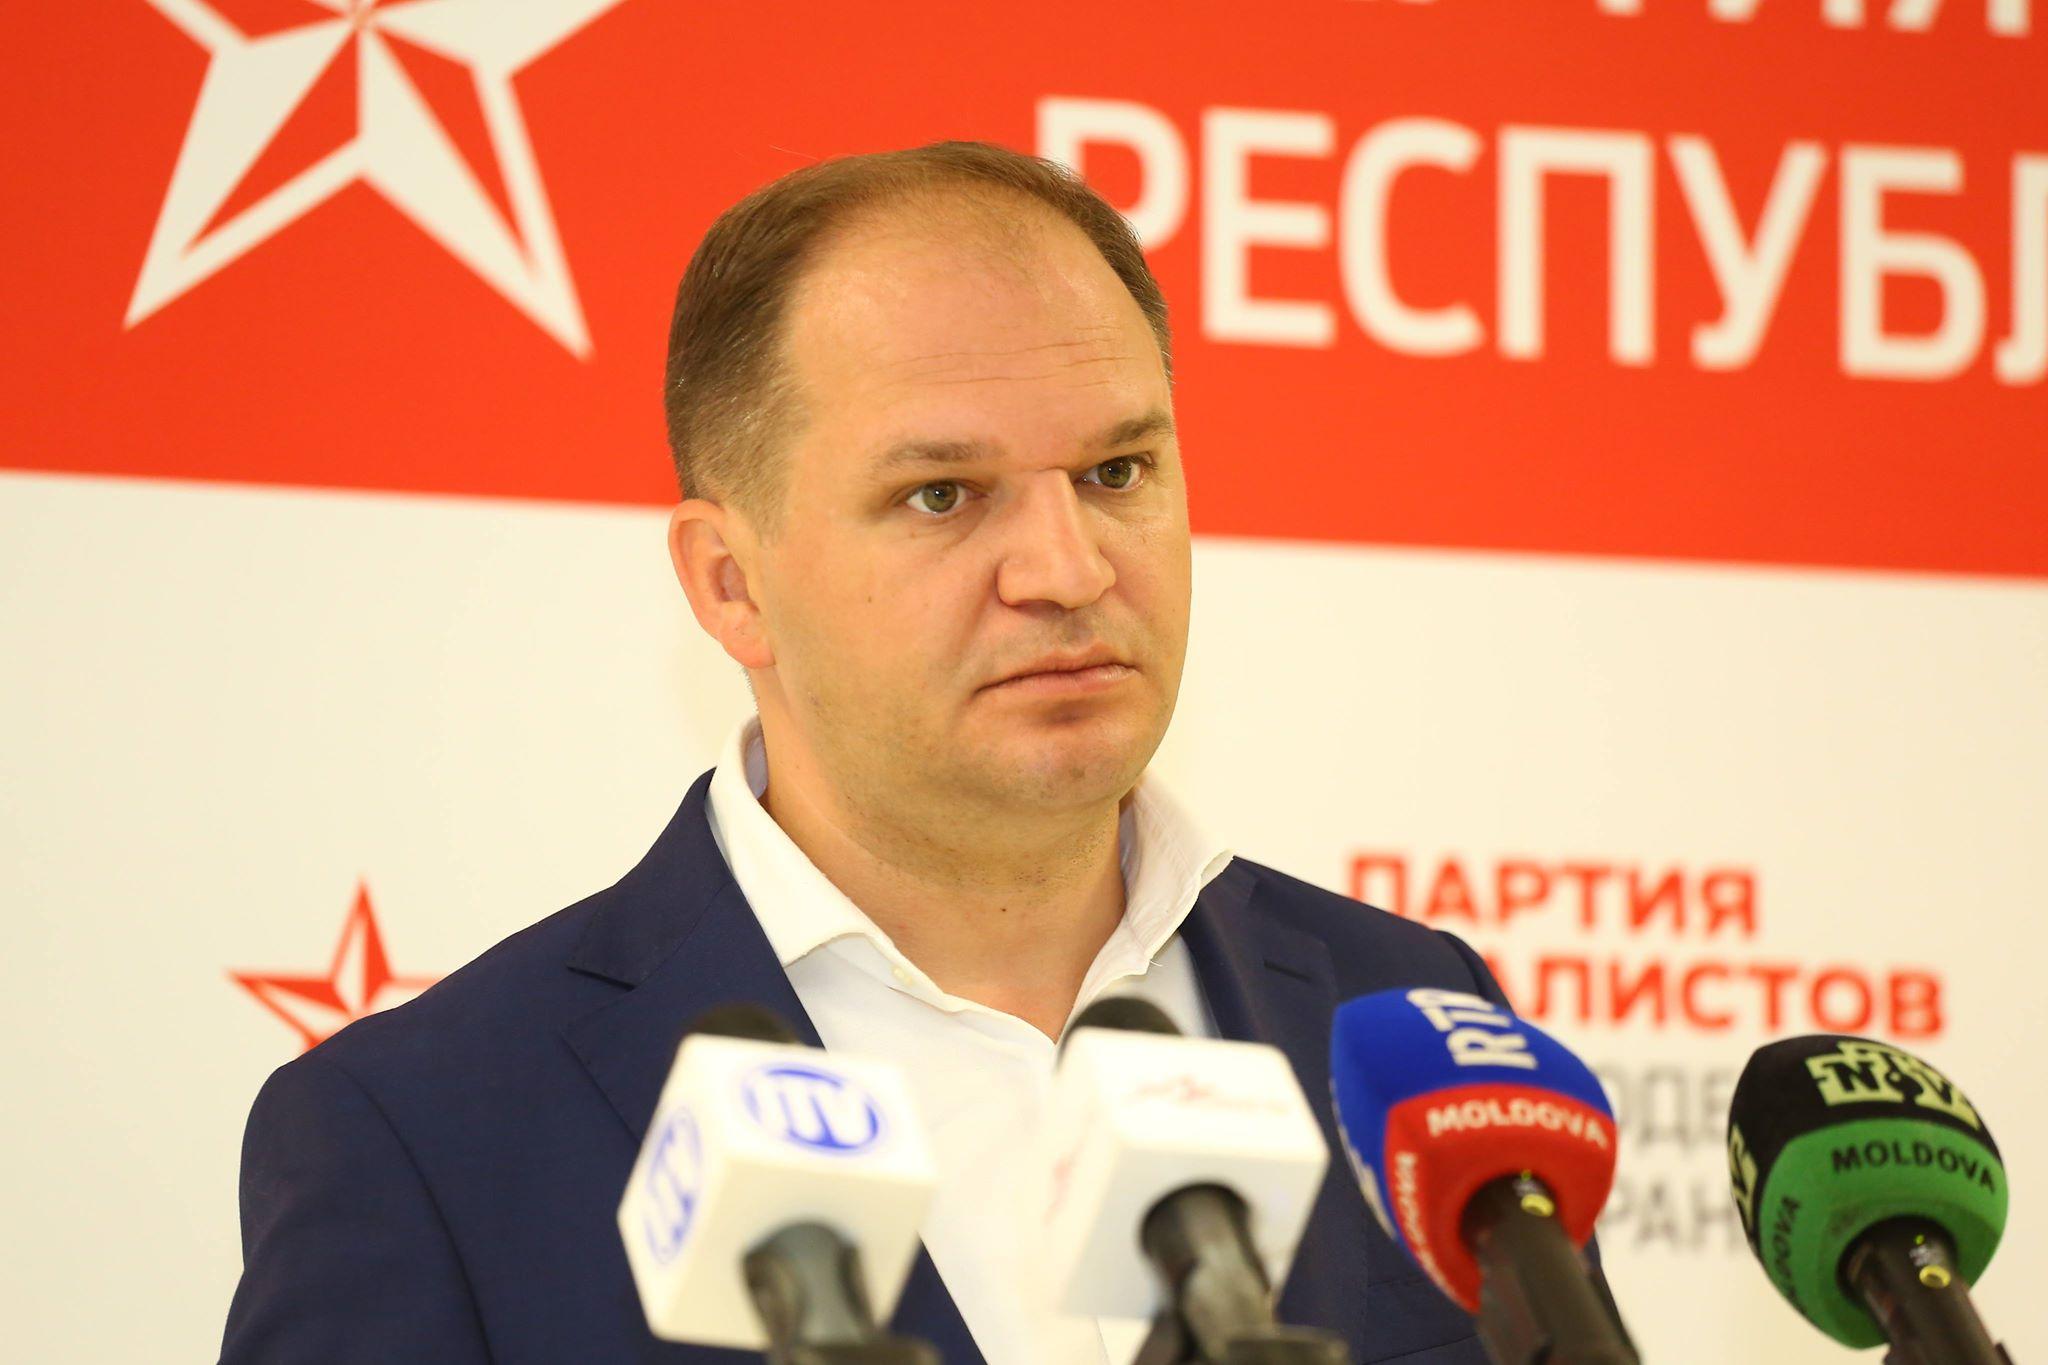 Ion Ceban a spus de unde va lua bani pentru a-și îndeplini toate promisiunile electorale